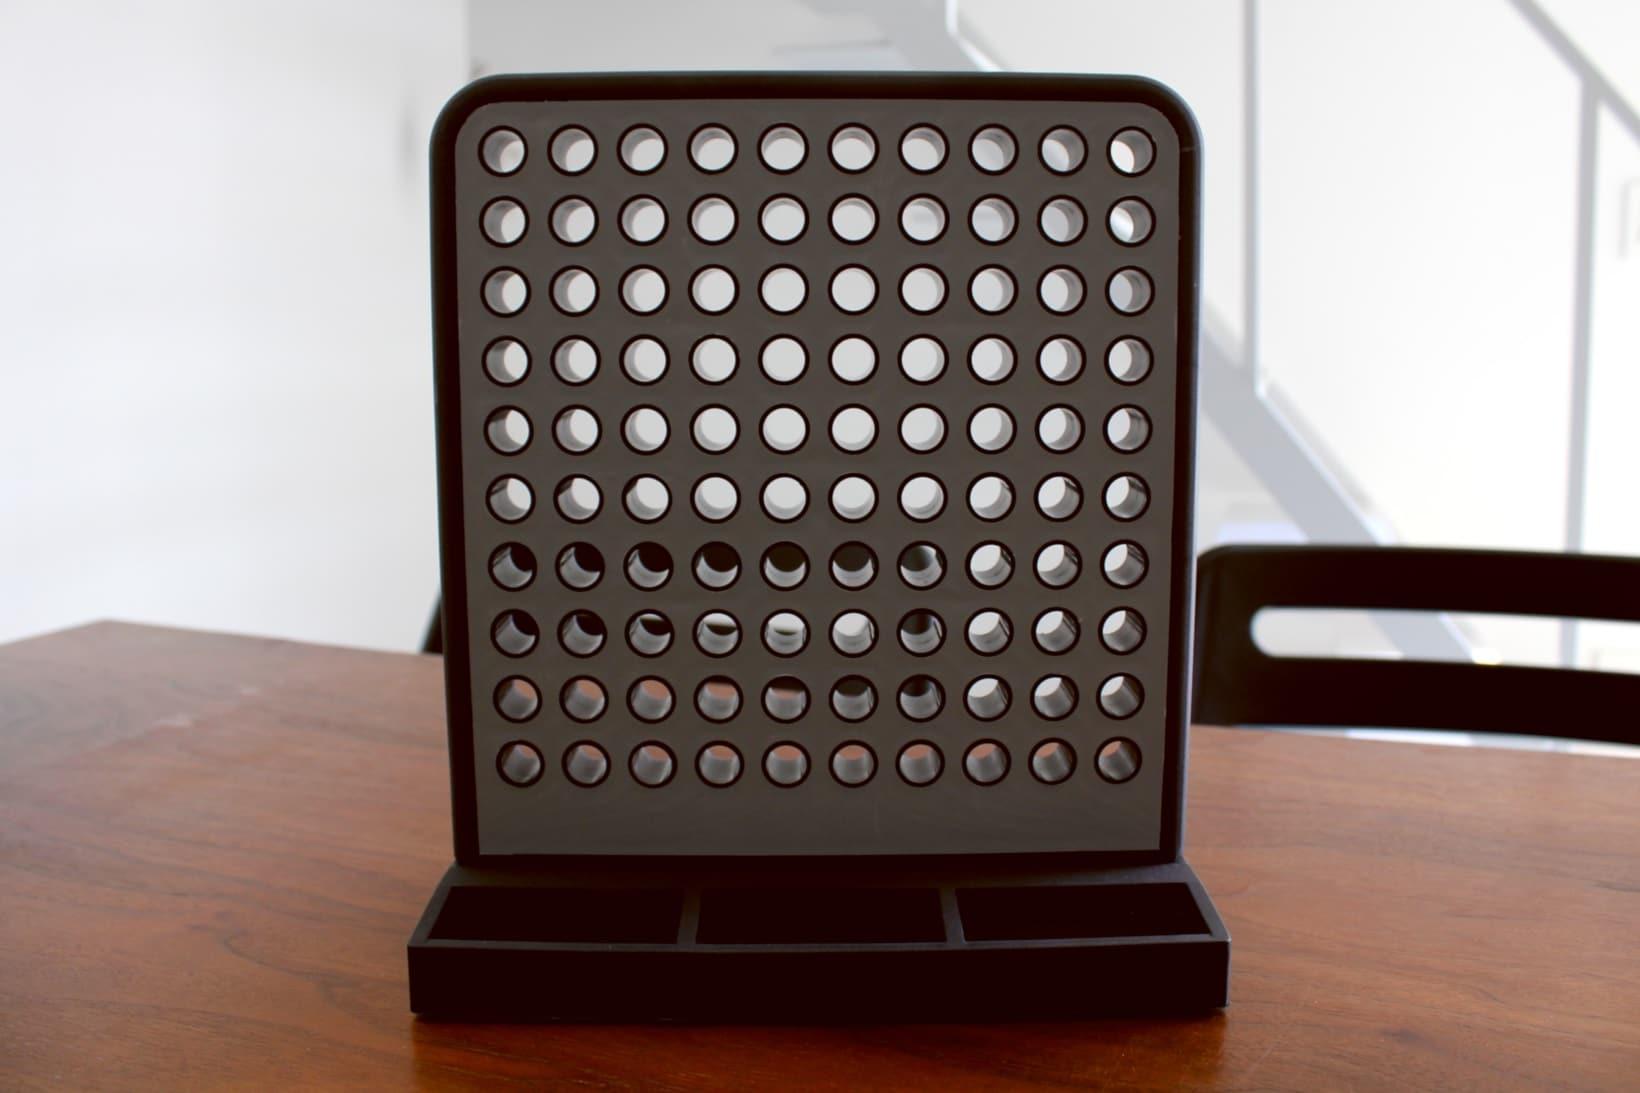 ボードゲーム「IQ5」のボード